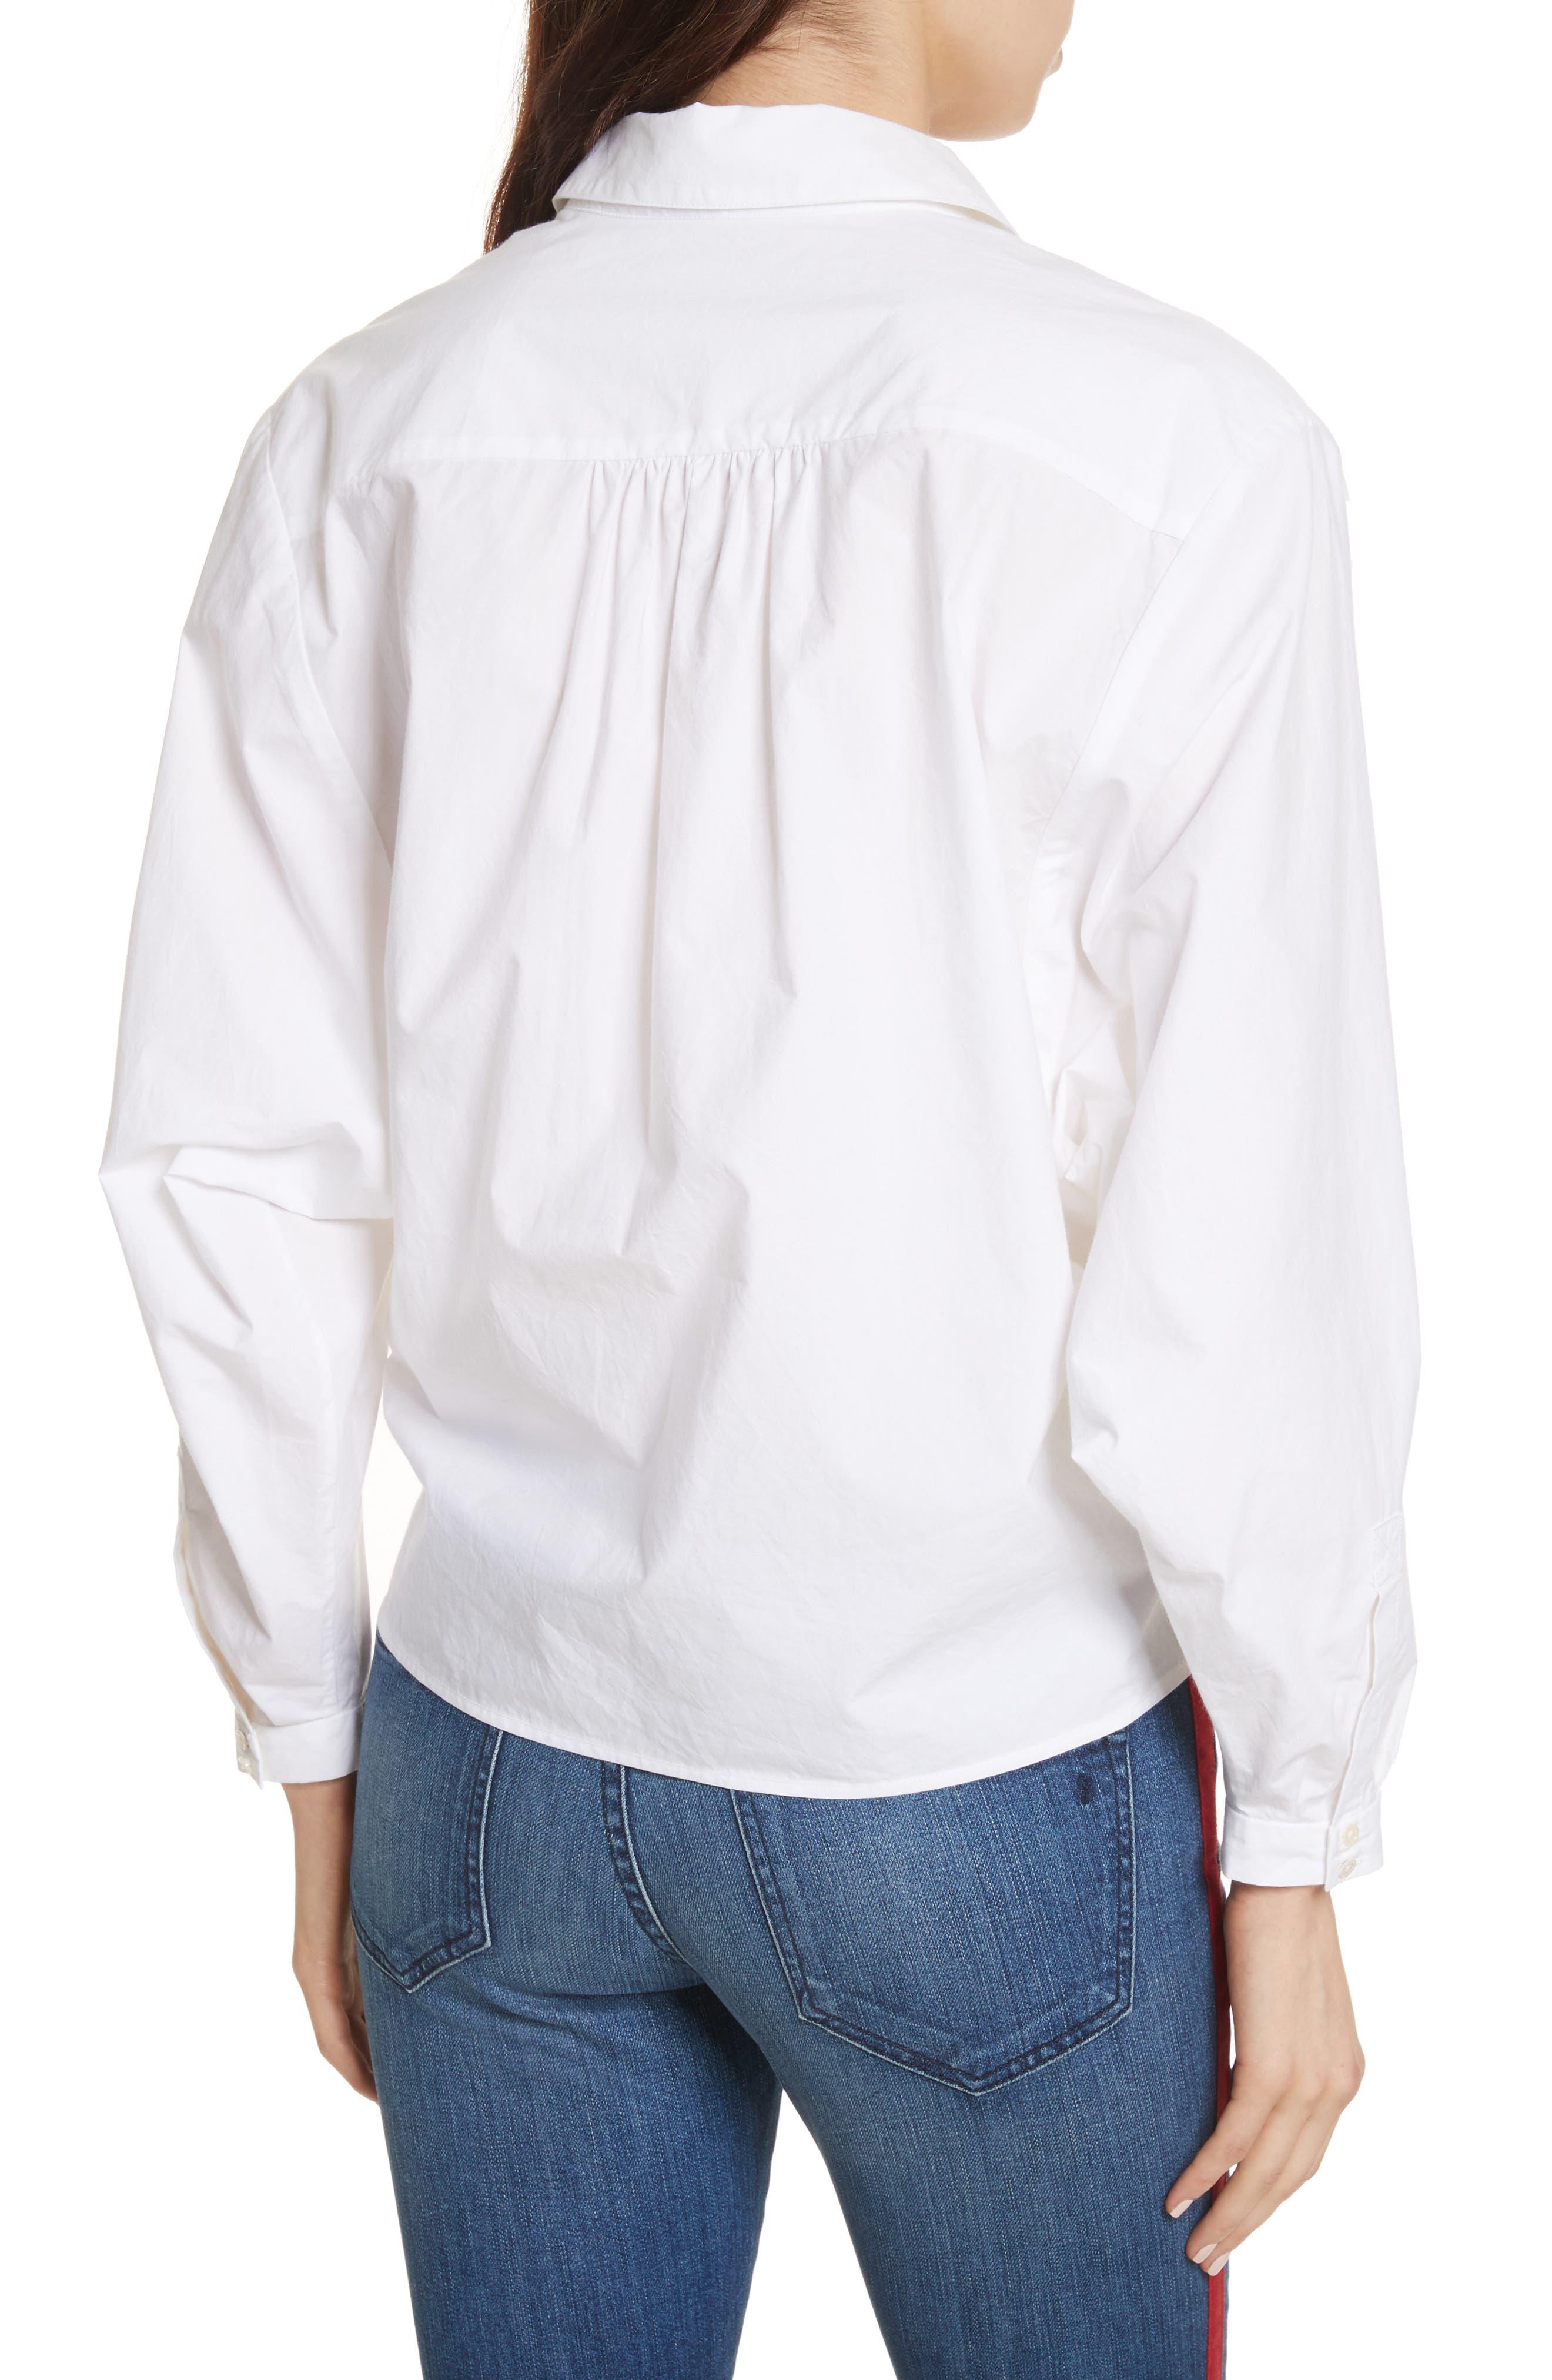 Anjanique B Button Down Cotton Shirt,                             Alternate thumbnail 2, color,                             121